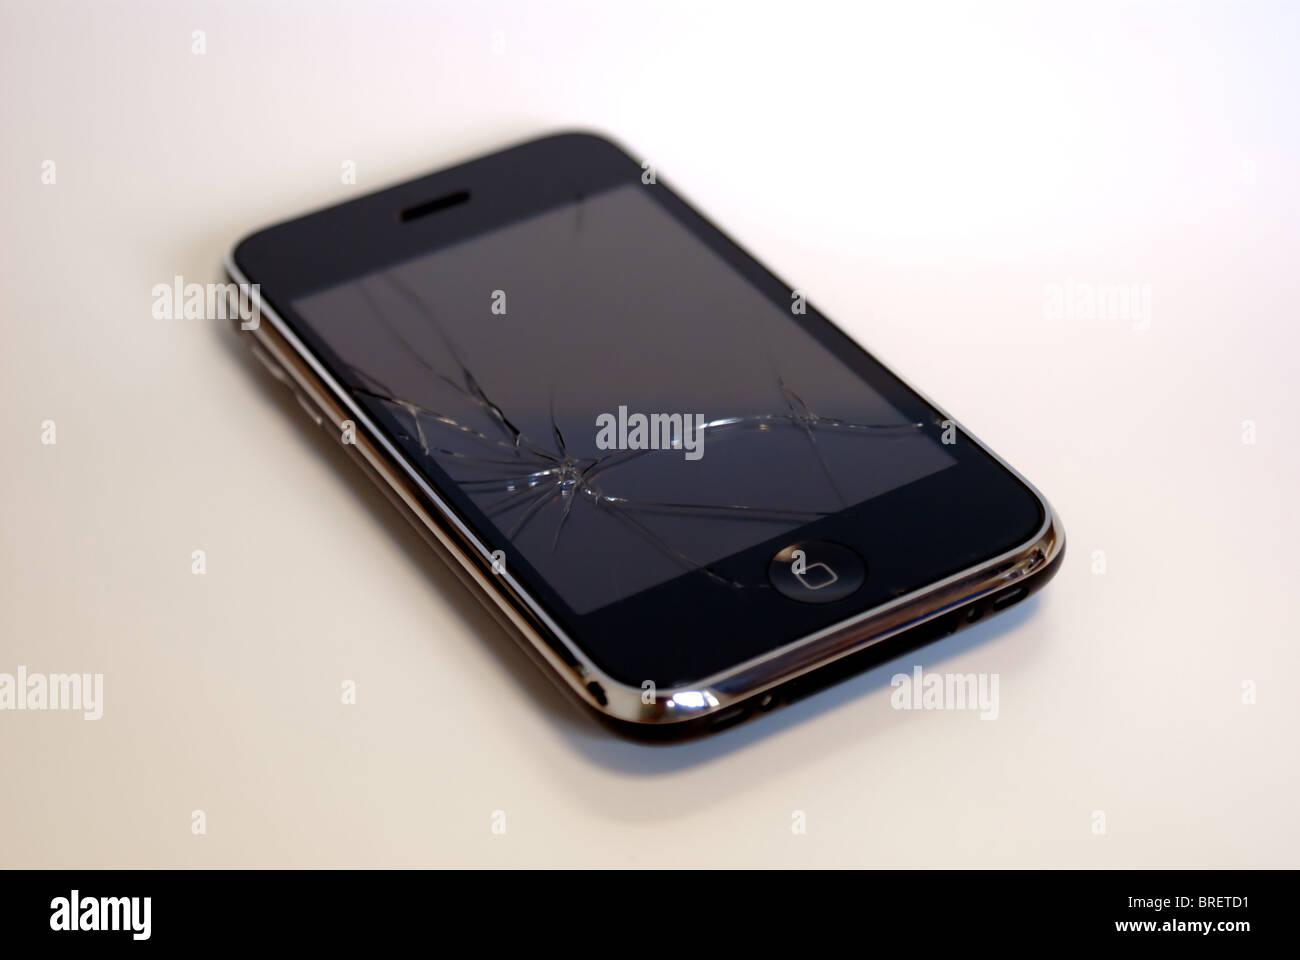 Broken Iphone Stock Photos & Broken Iphone Stock Images - Alamy